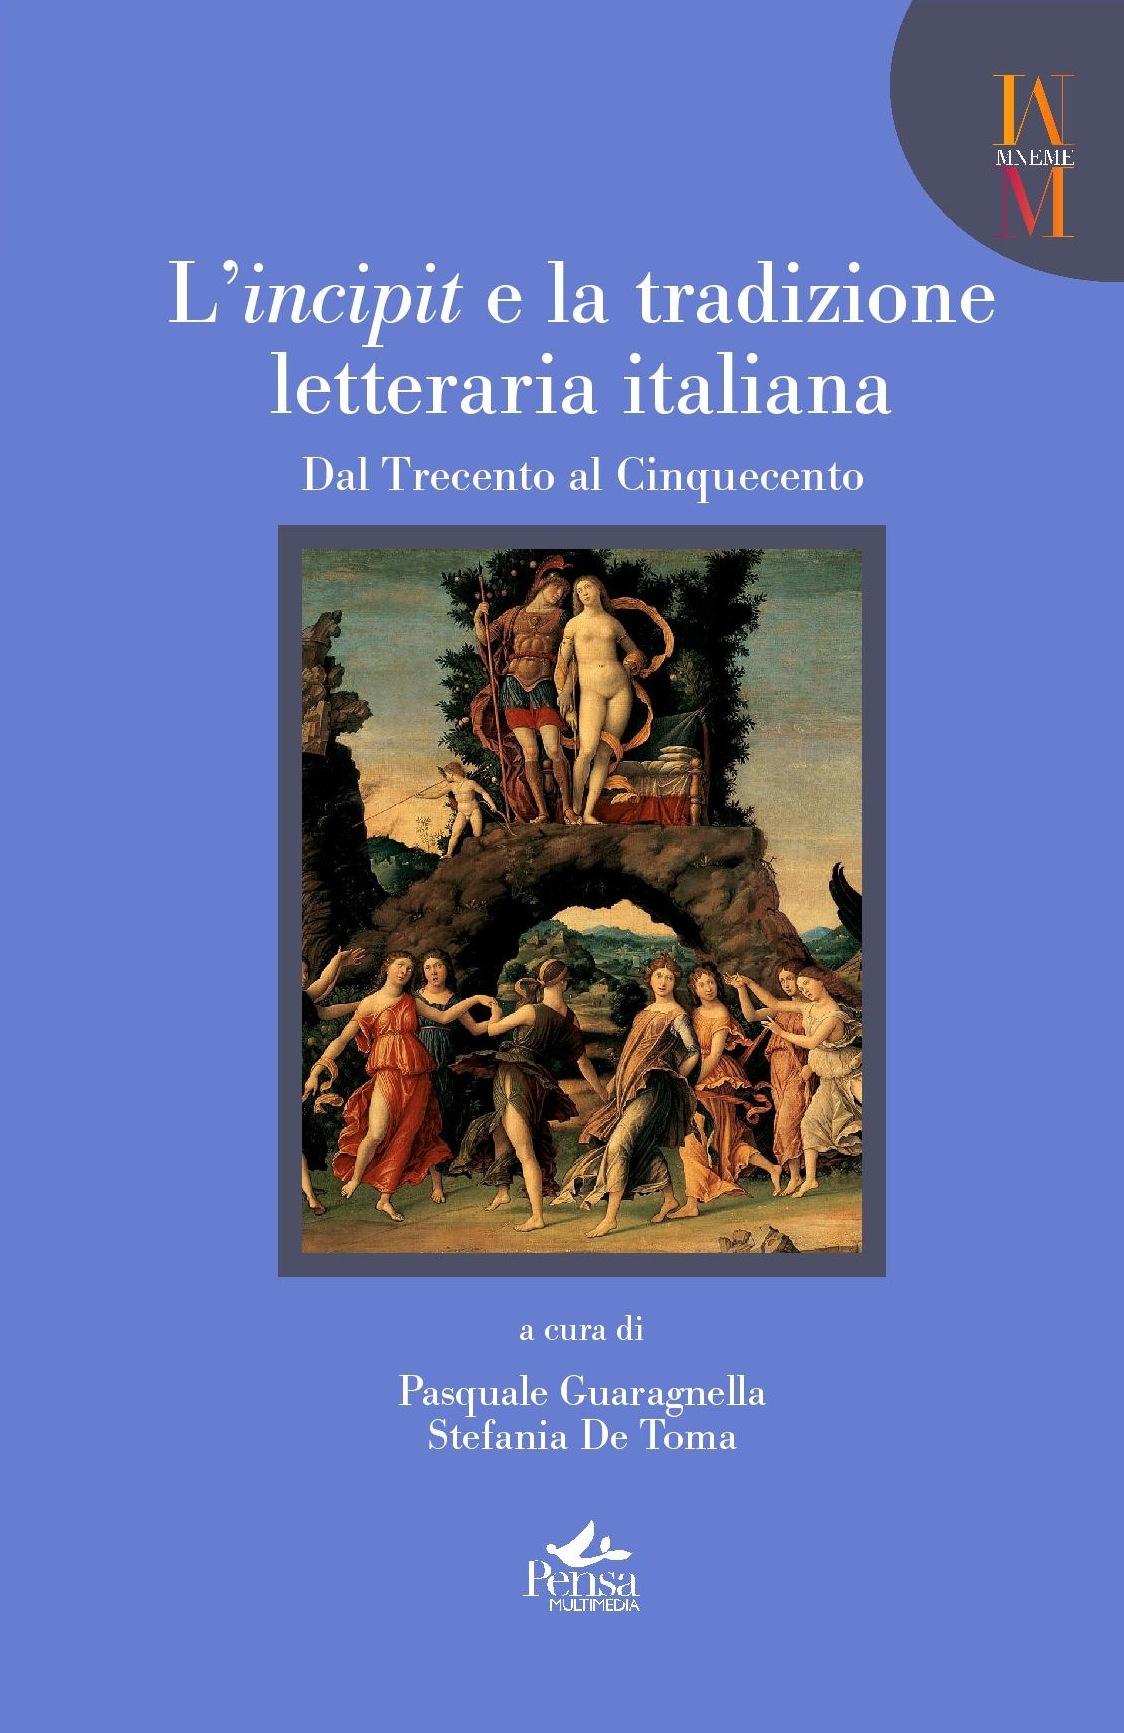 L'incipit e la tradizione letteraria. Da Dante al tardo Rinascimento - vol. 1